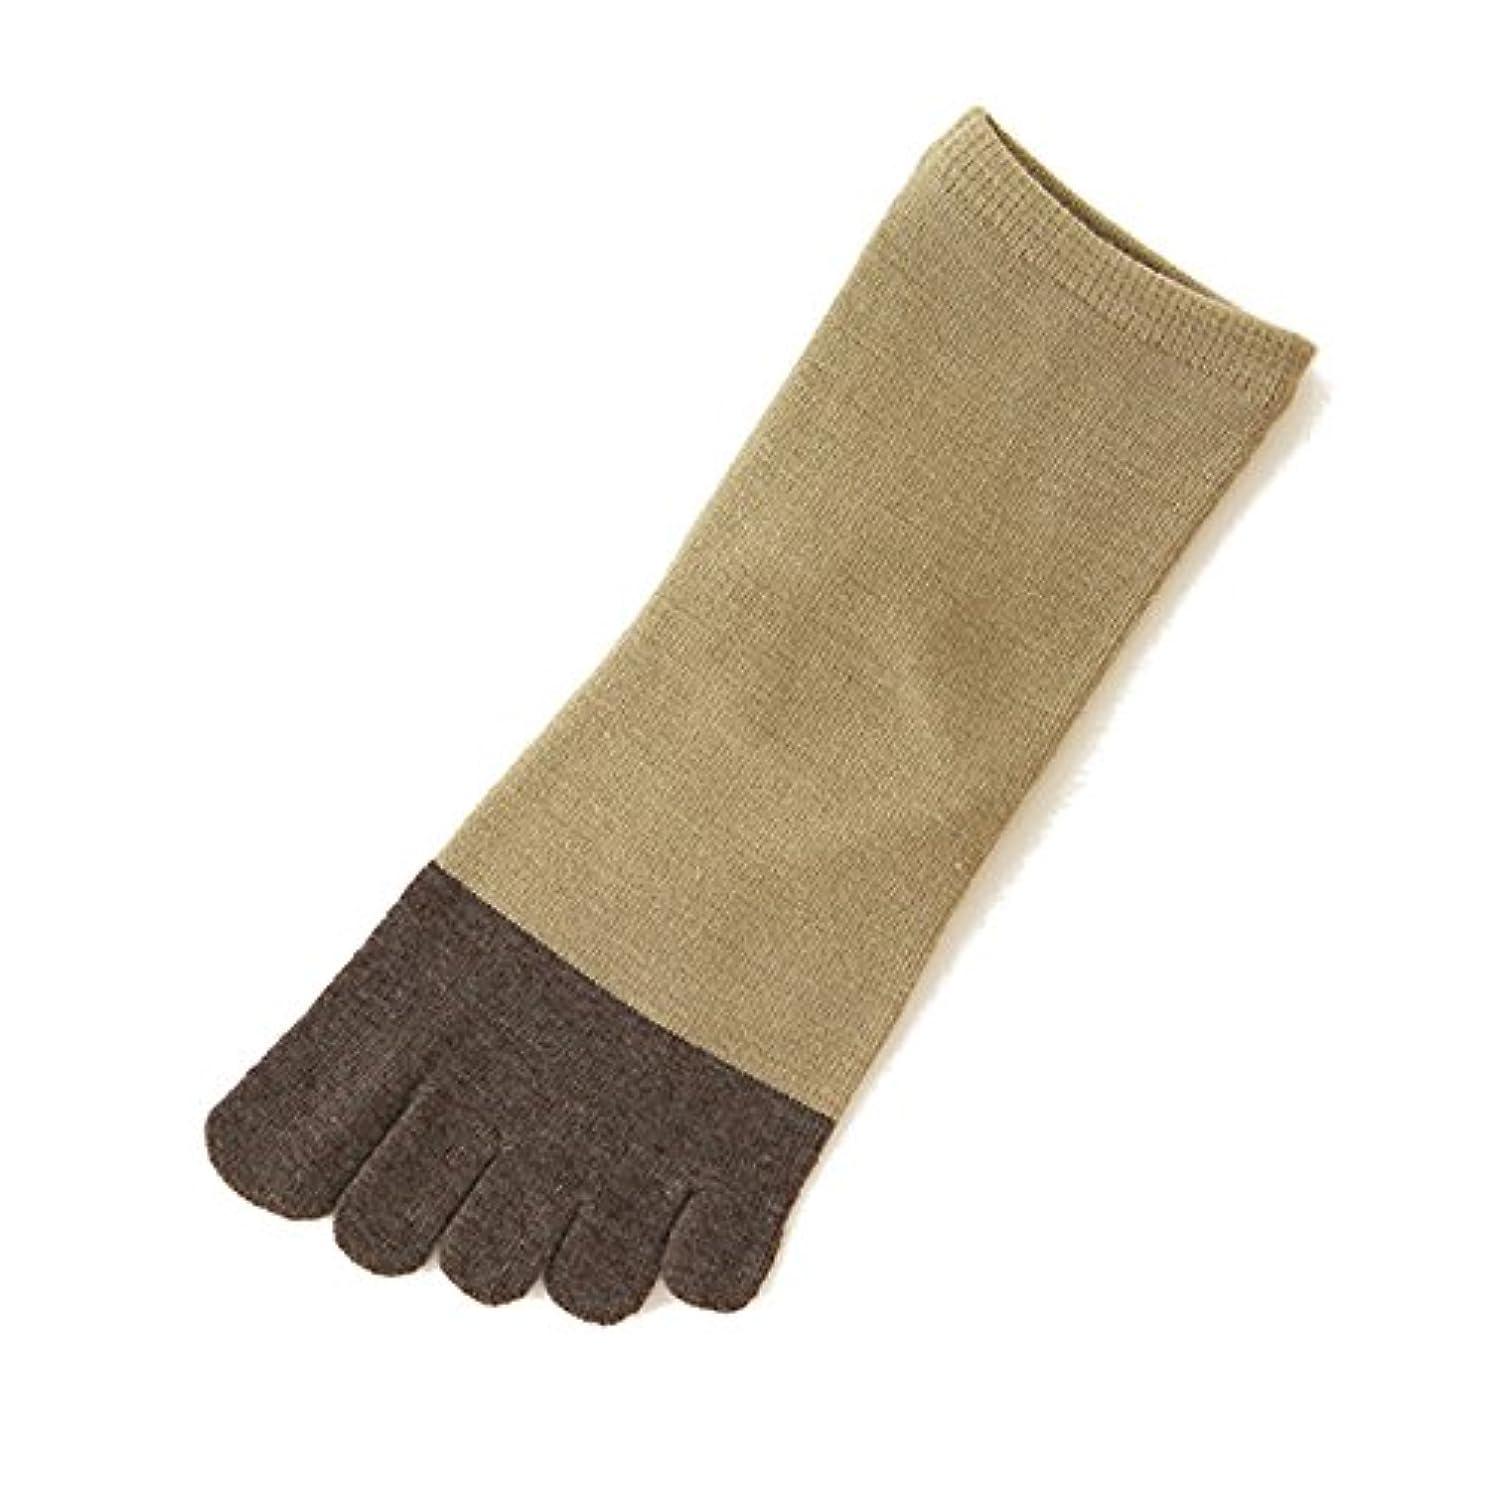 マント雄弁家つまらない[靴下屋]クツシタヤ 2面切り替え5本指ソックス 22.0~24.0cm 日本製 五本指靴下